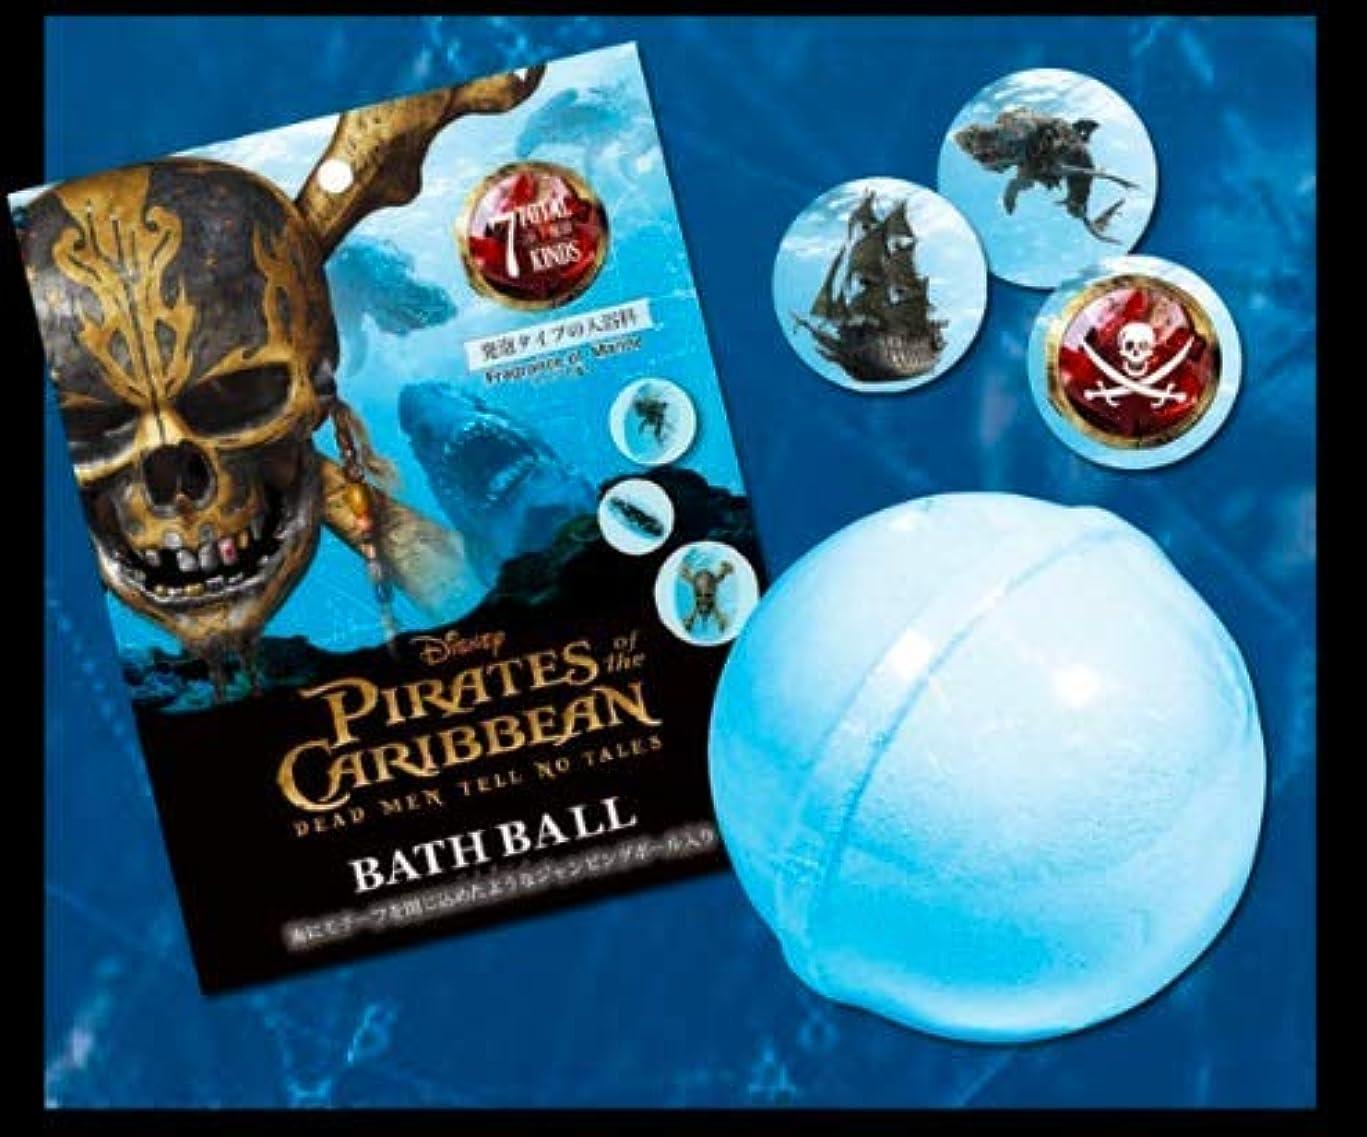 解放する祈り壊滅的な【24個入りBOX】ディズニー パイレーツオブカリビアン 入浴剤 最後の海賊 バスボール マリンの香り ジャンピングボール全7種